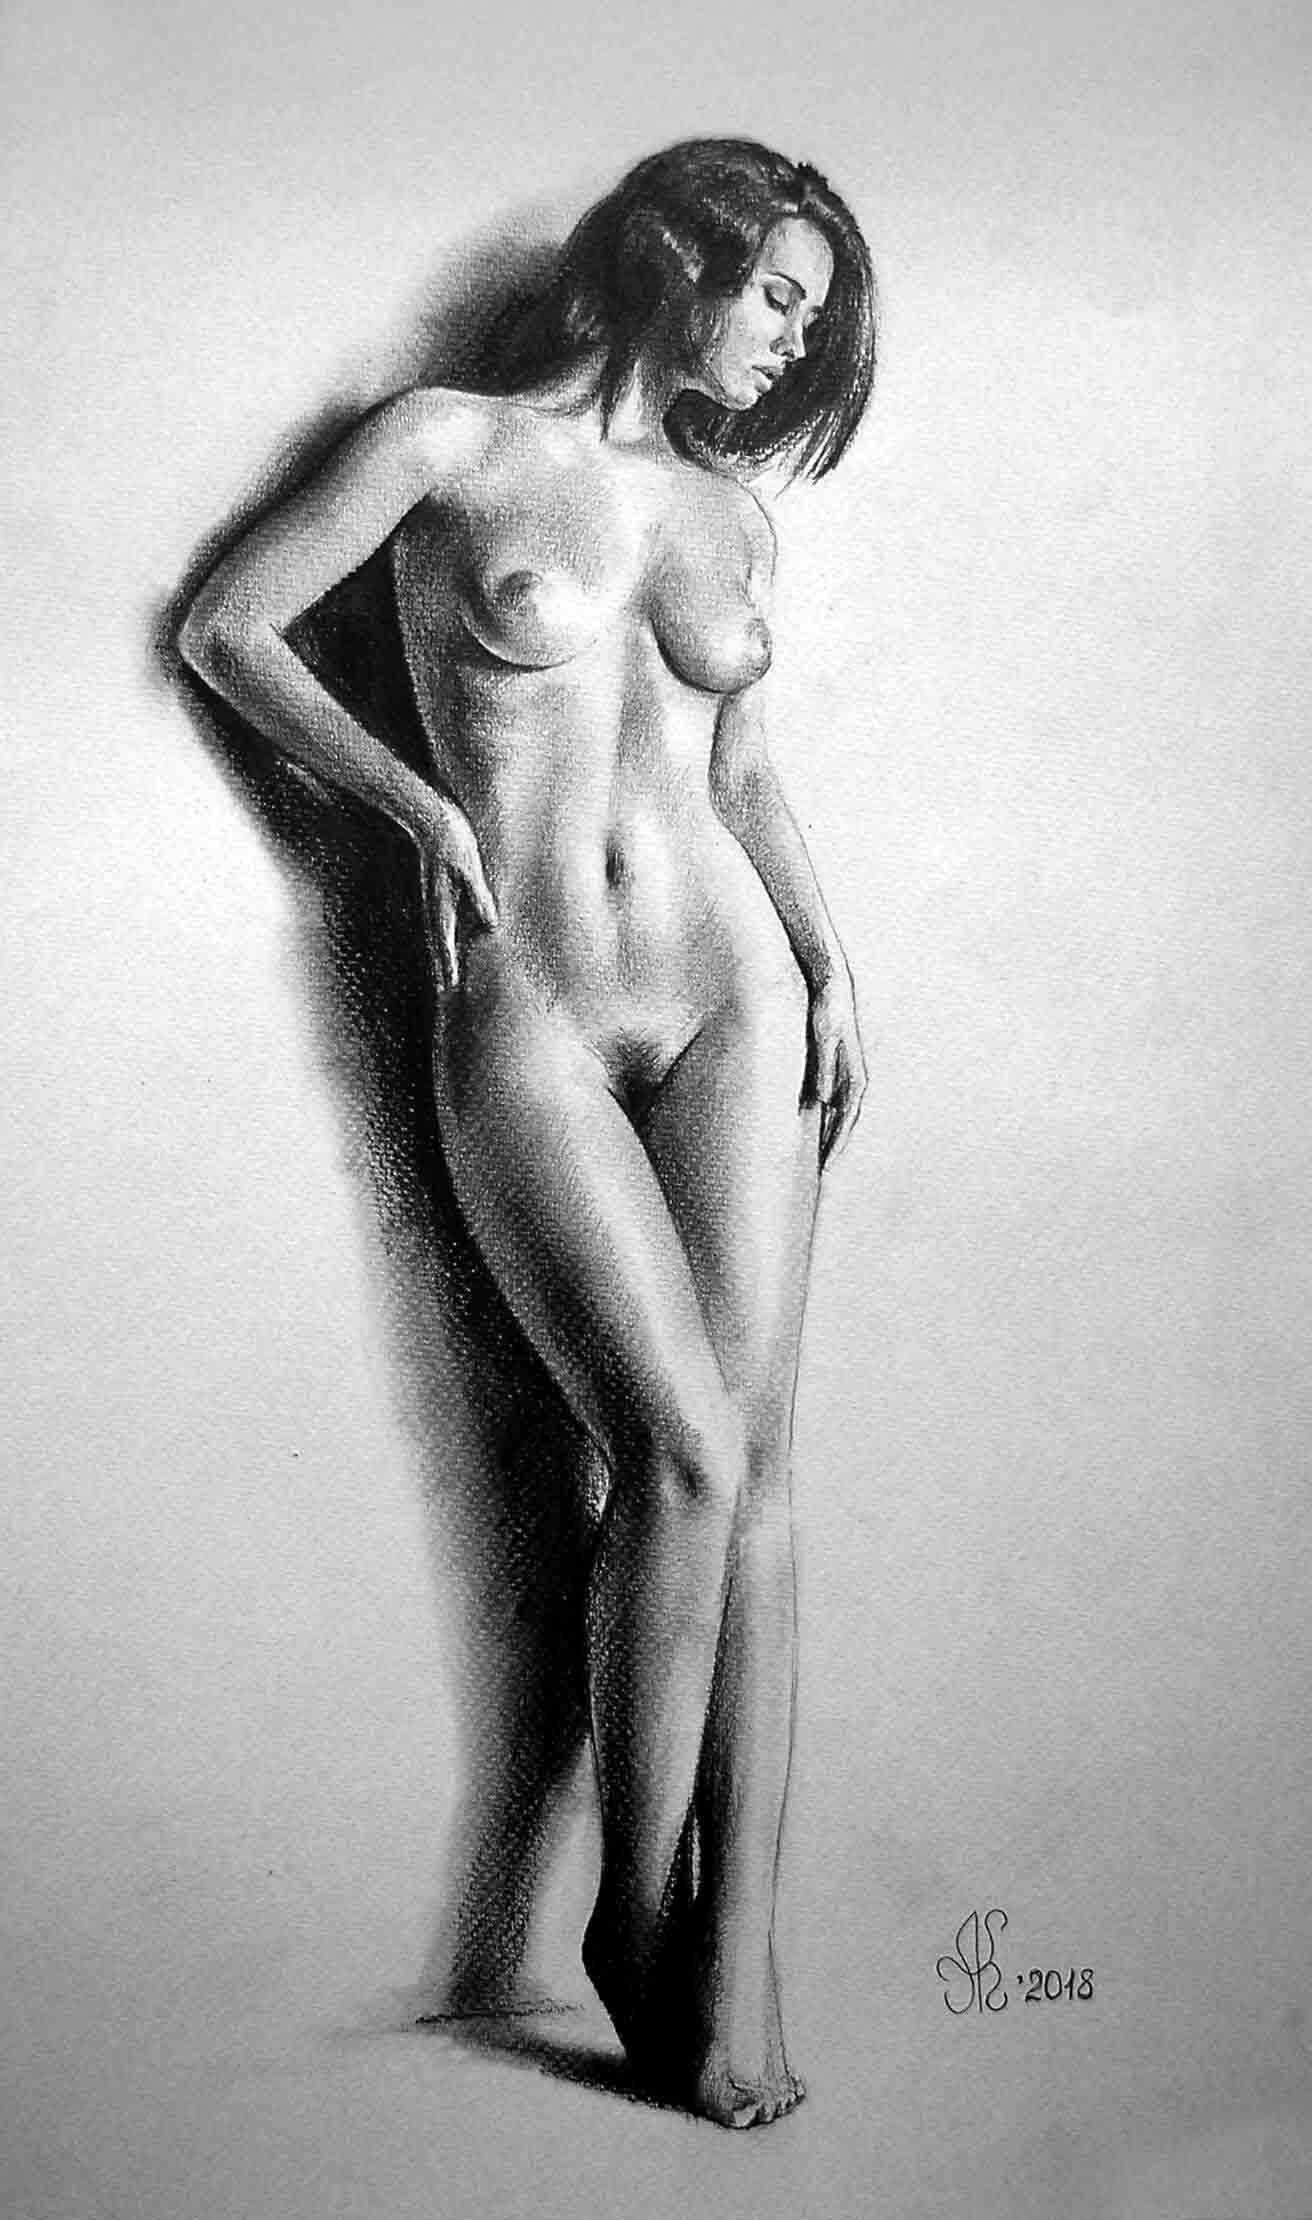 Эротический рисунок, портрет ню